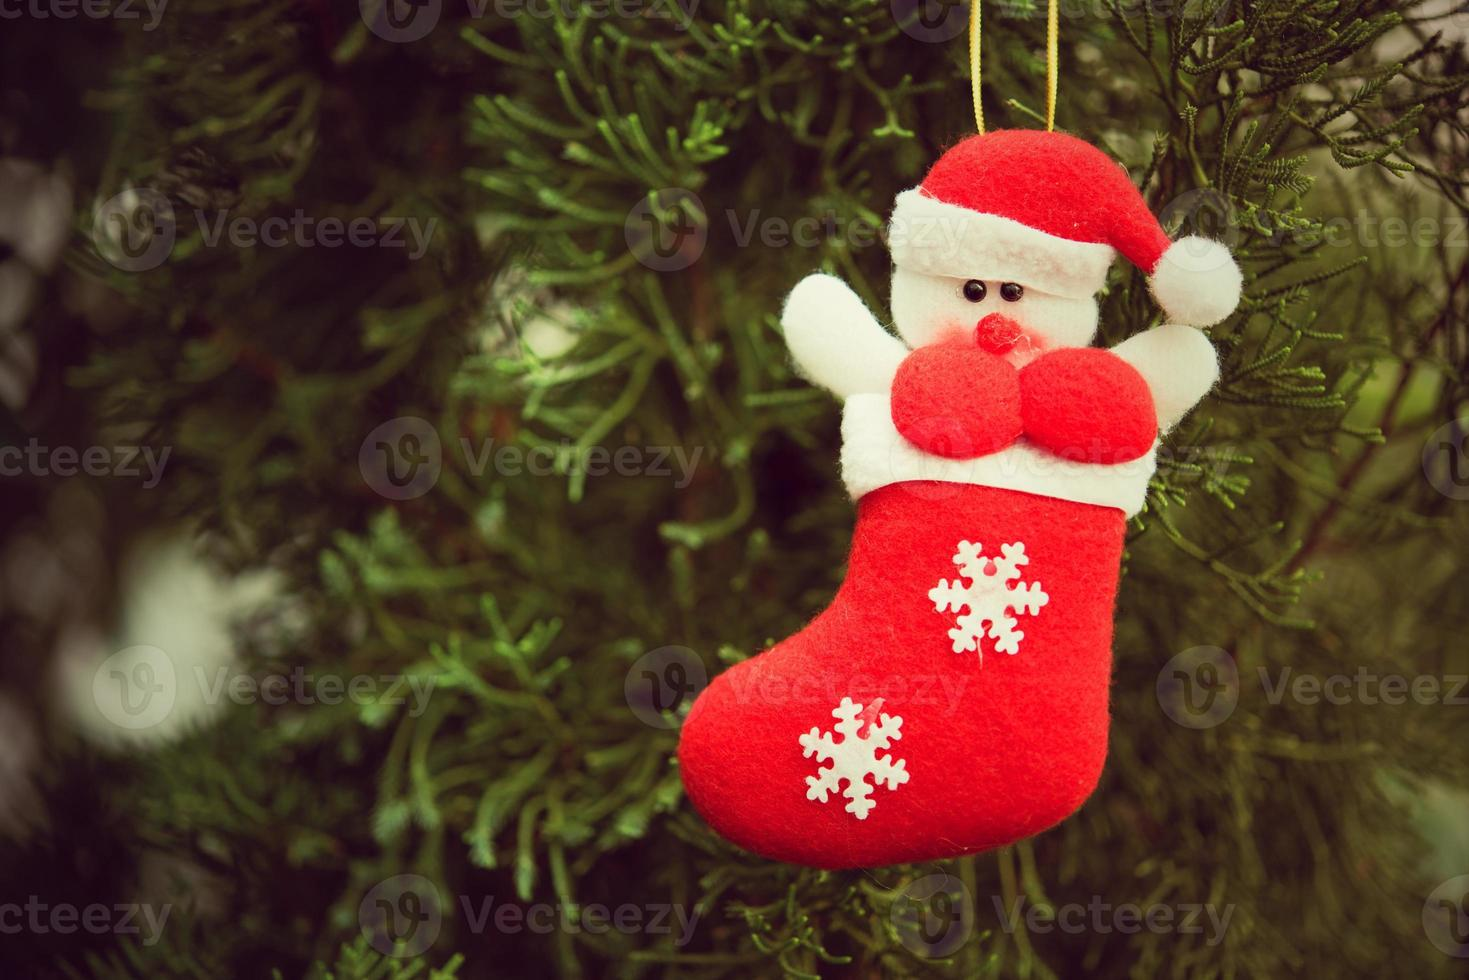 julstrumpor dekorerar julgranar och andra dekorationer. foto